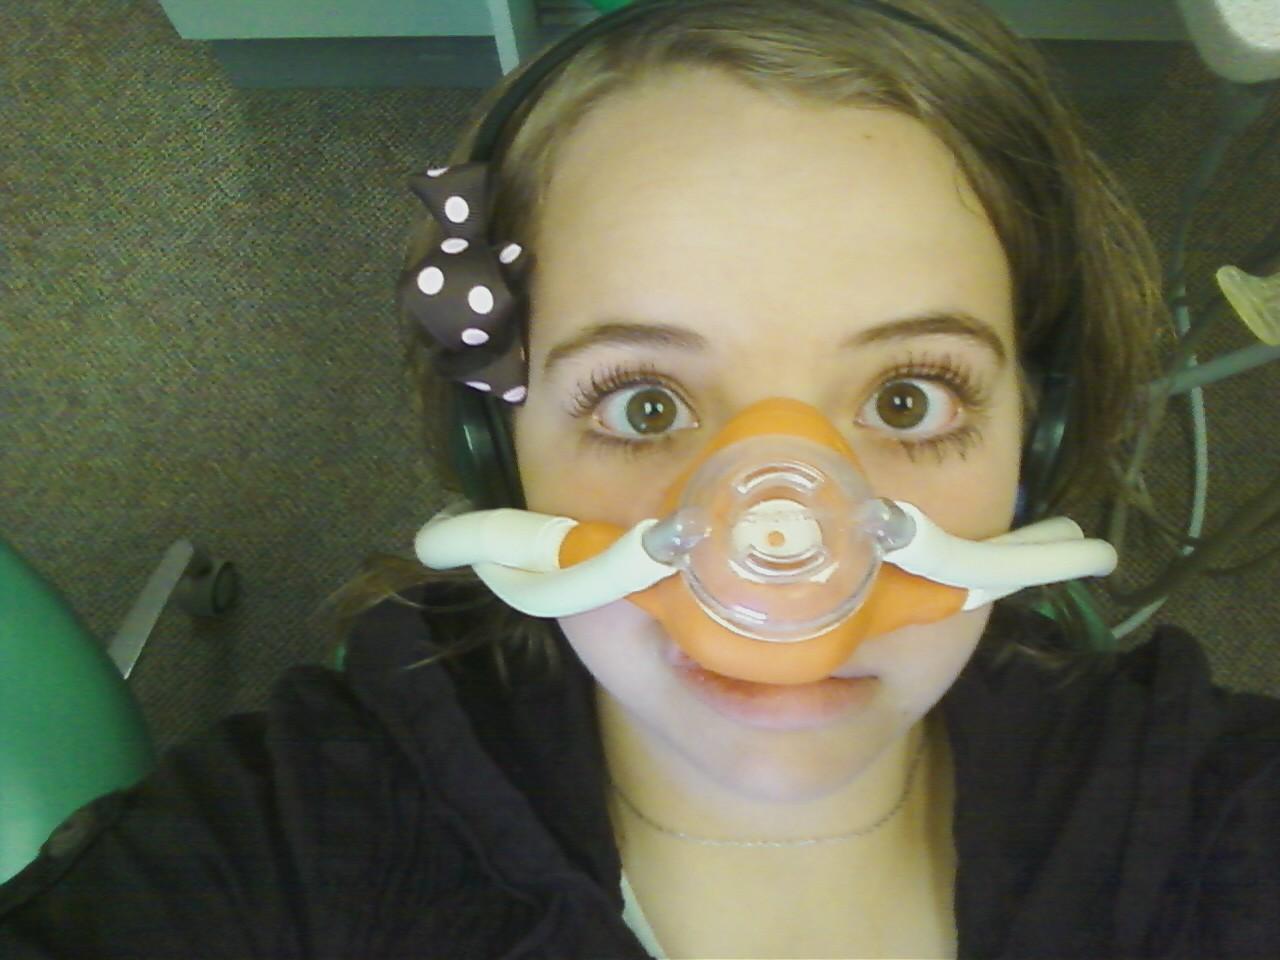 Evil Dentist The dentist is e.v.i.l?